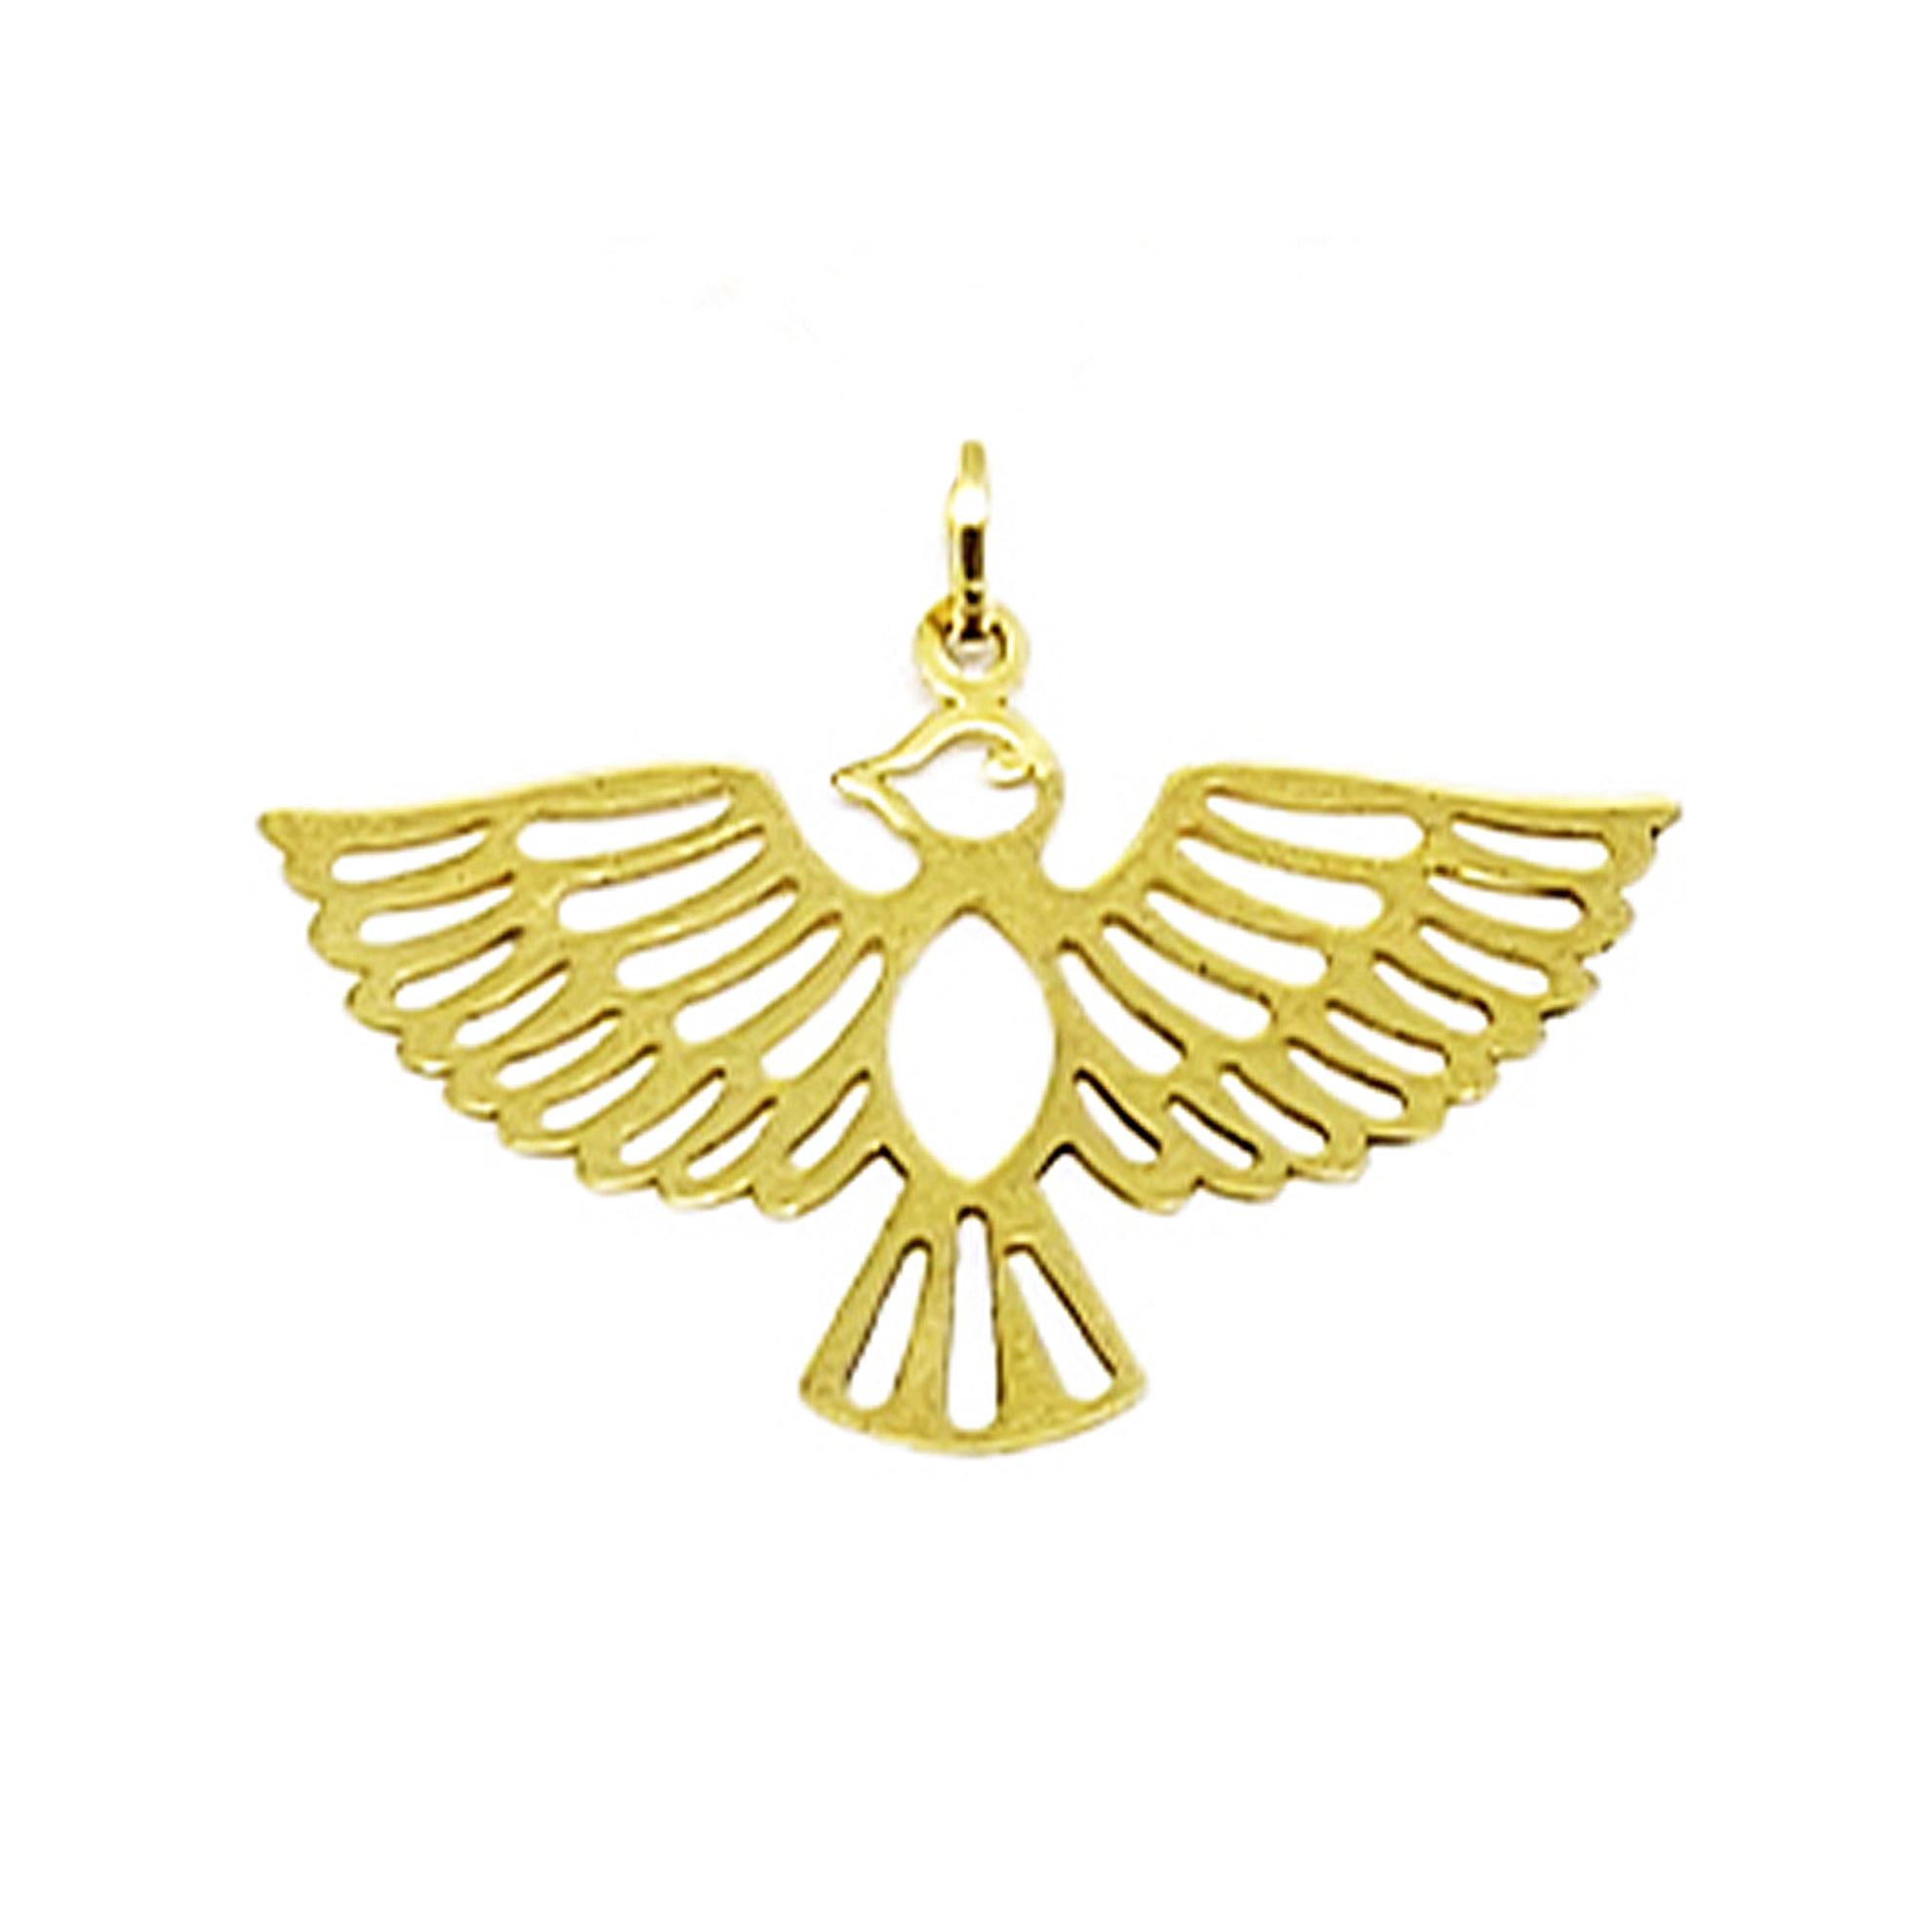 Pingente Divino Espírito Santo em Ouro 18 Kilates